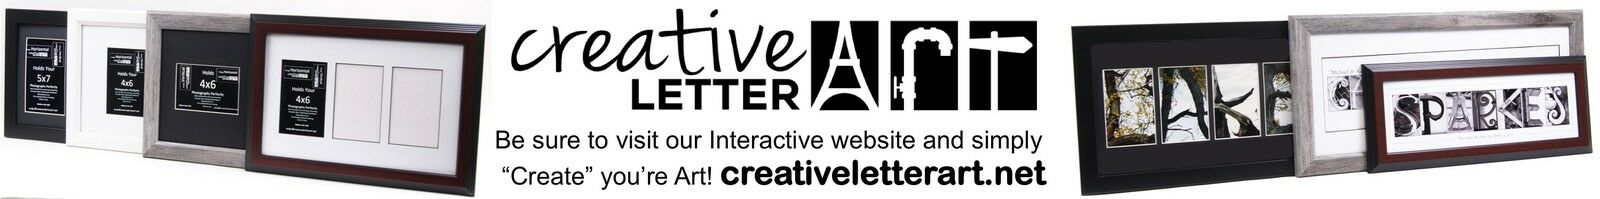 Creative Letter Art